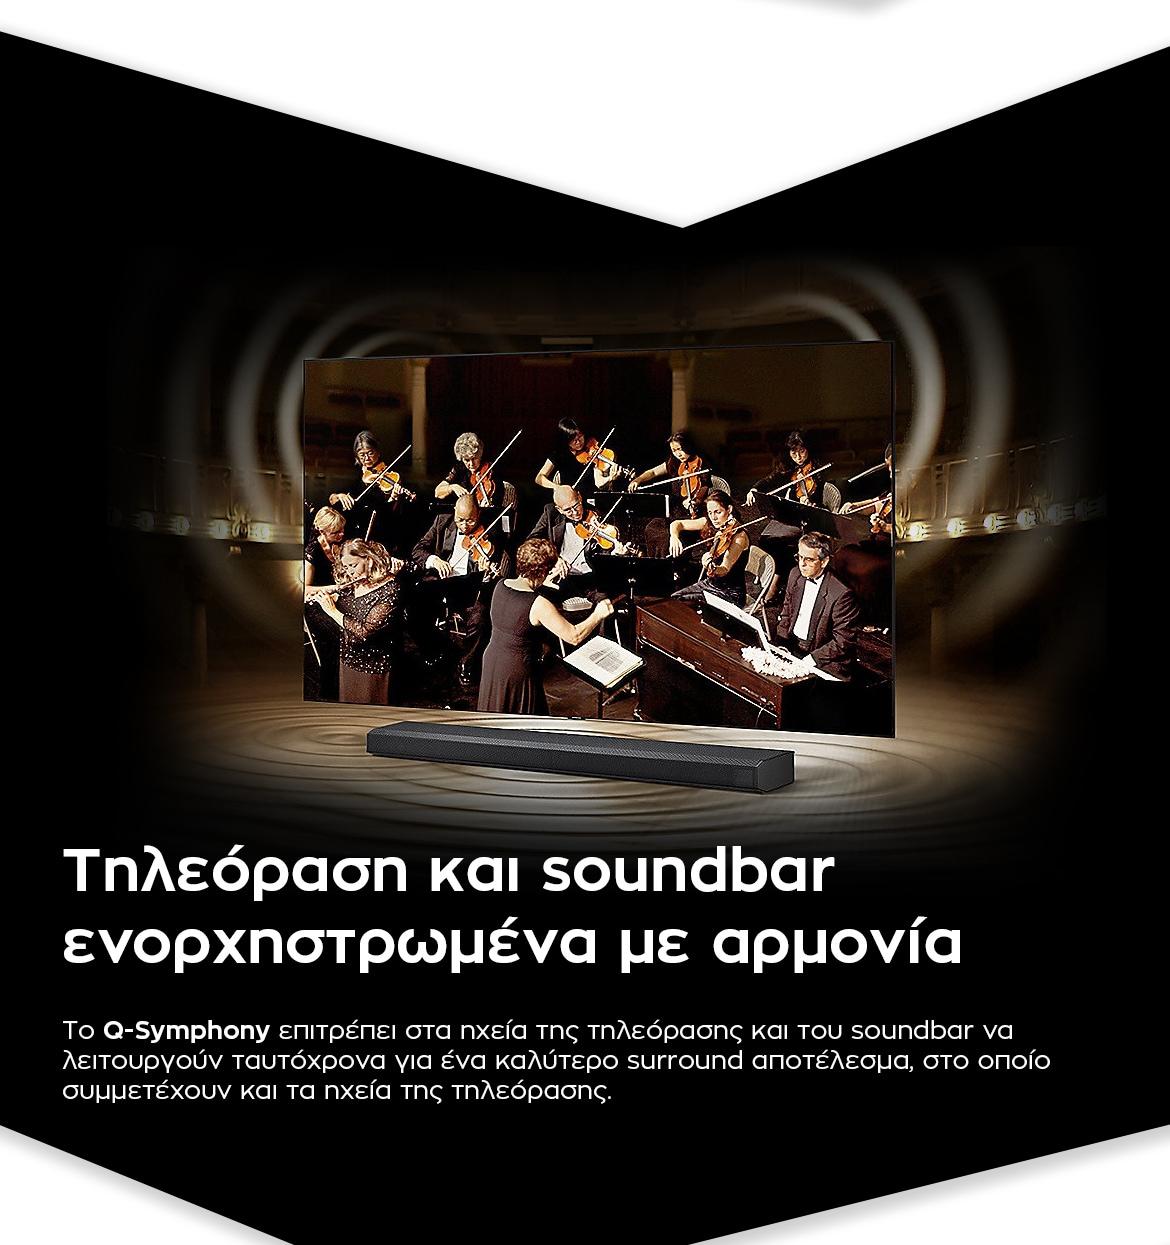 Τηλεόραση και Soundbar